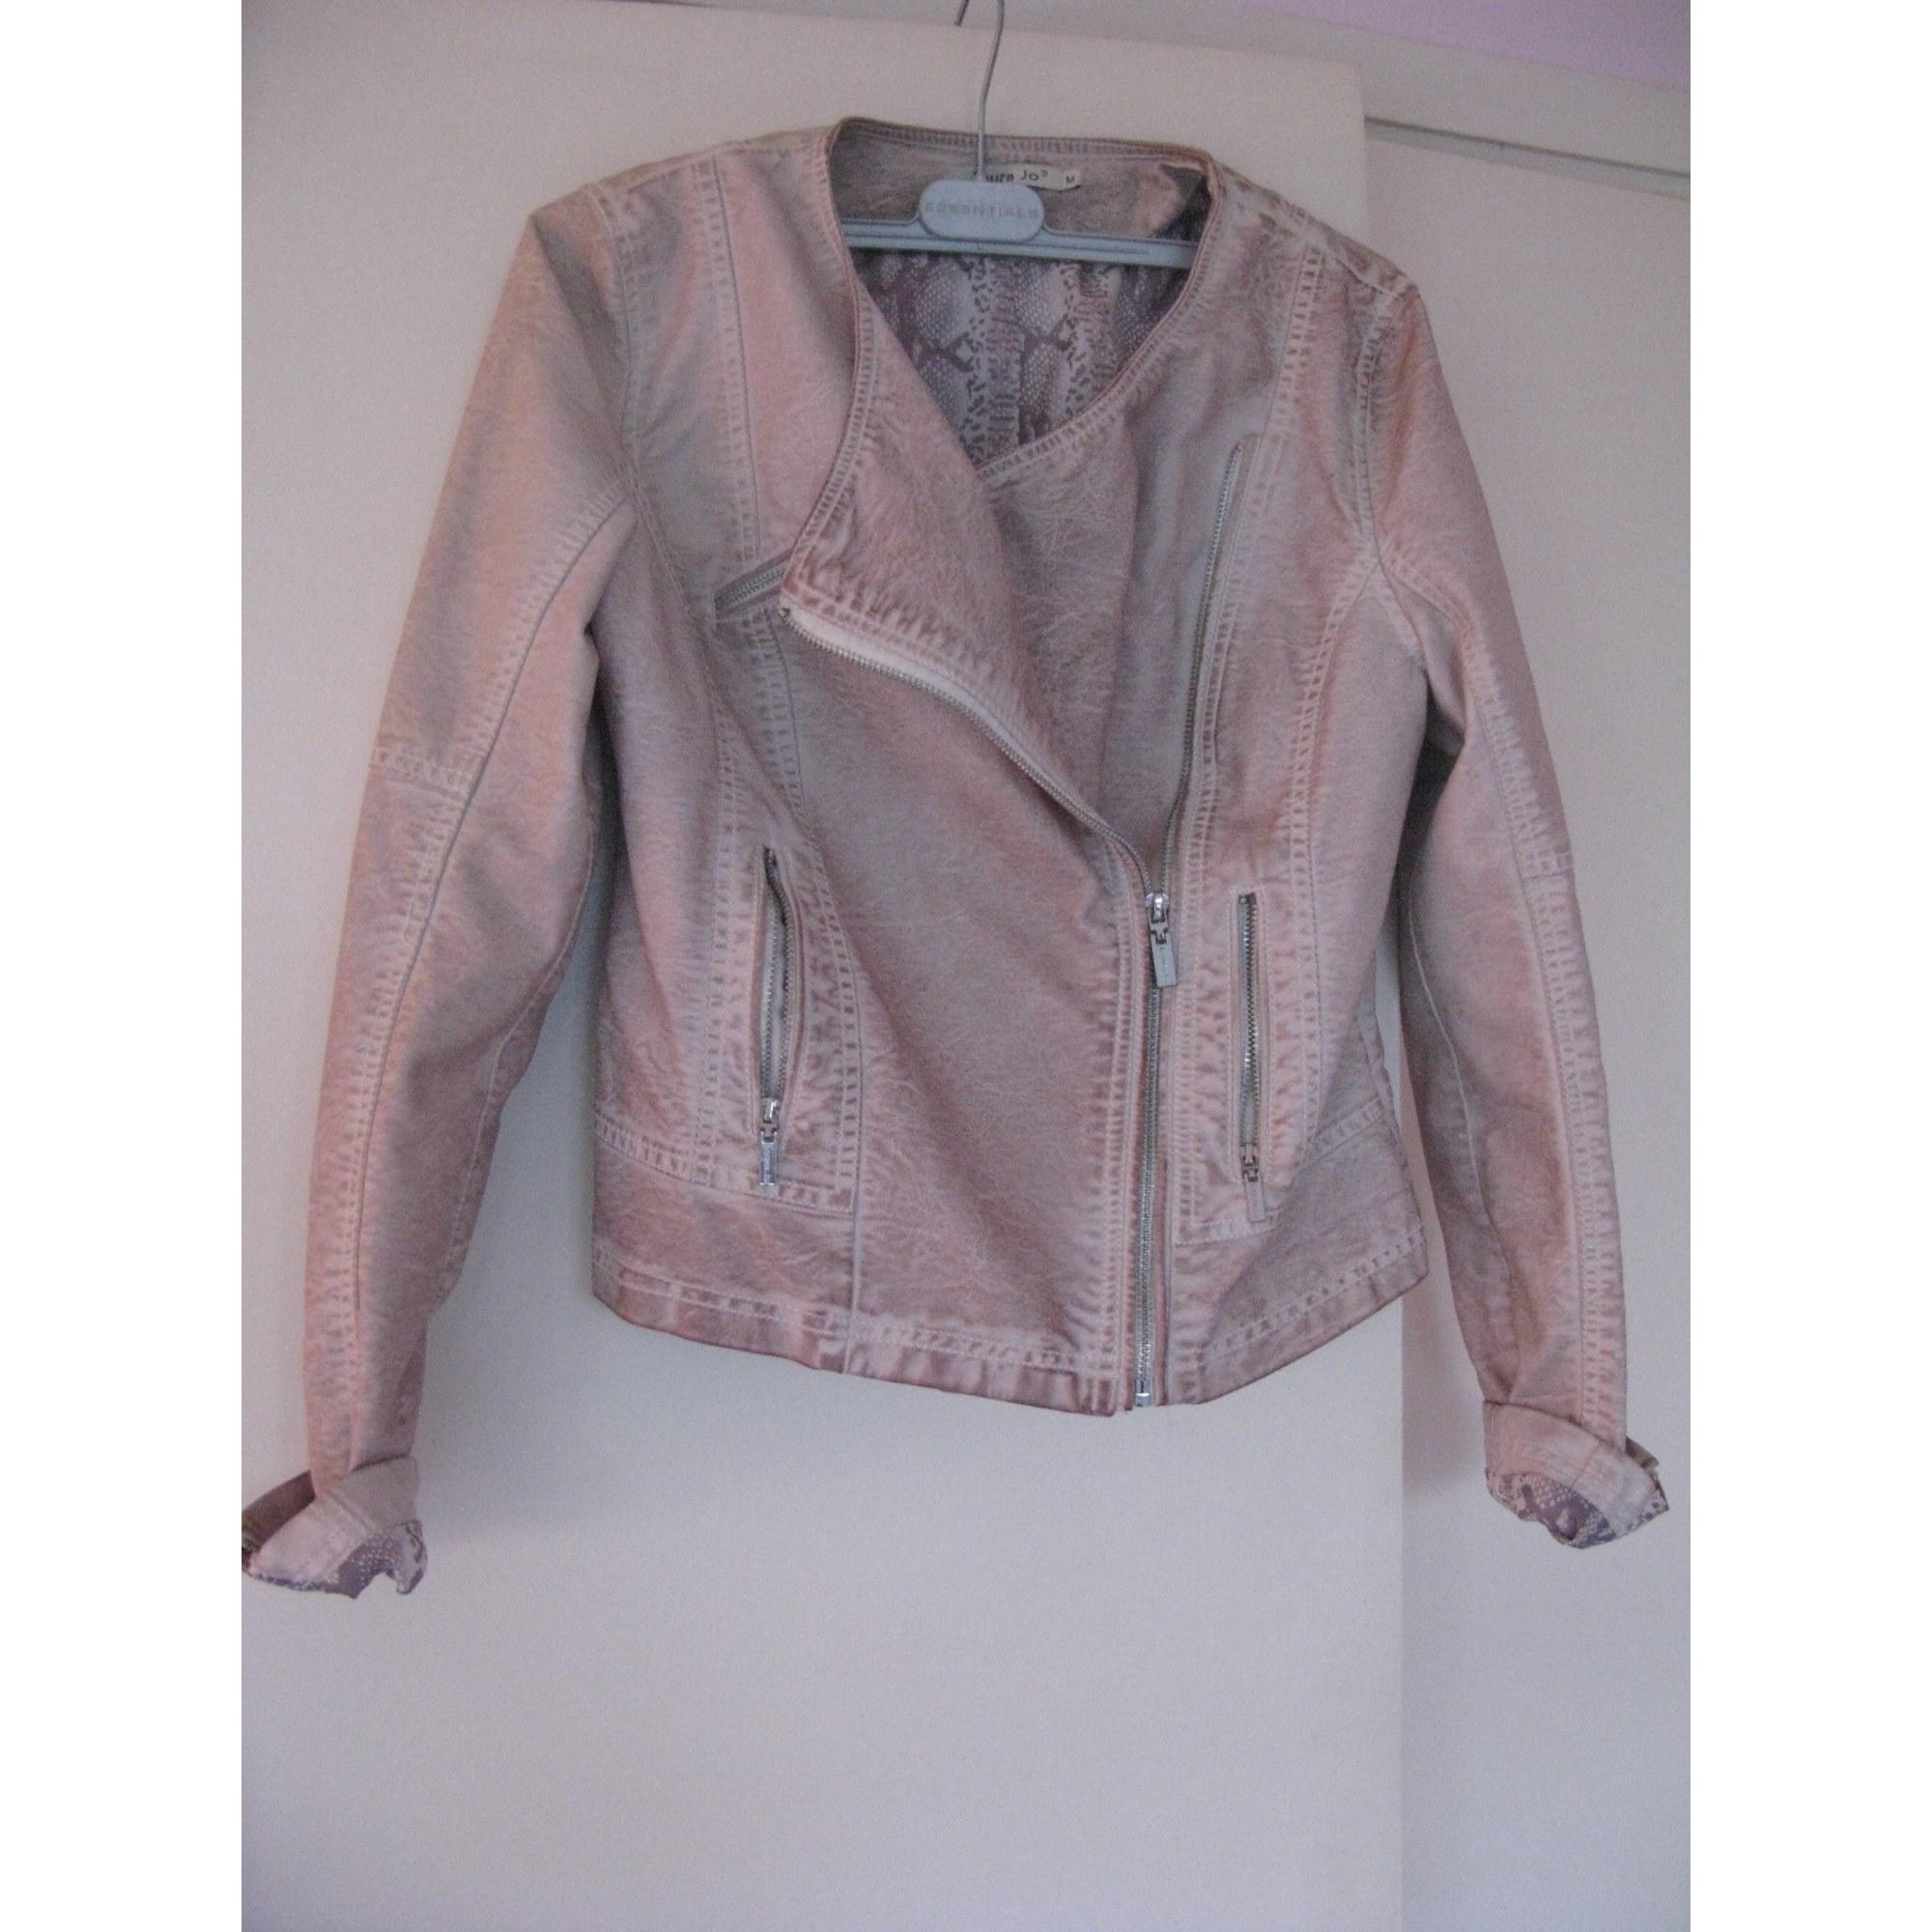 Achetez en ligne les vêtements de LAURA JO au meilleur prix